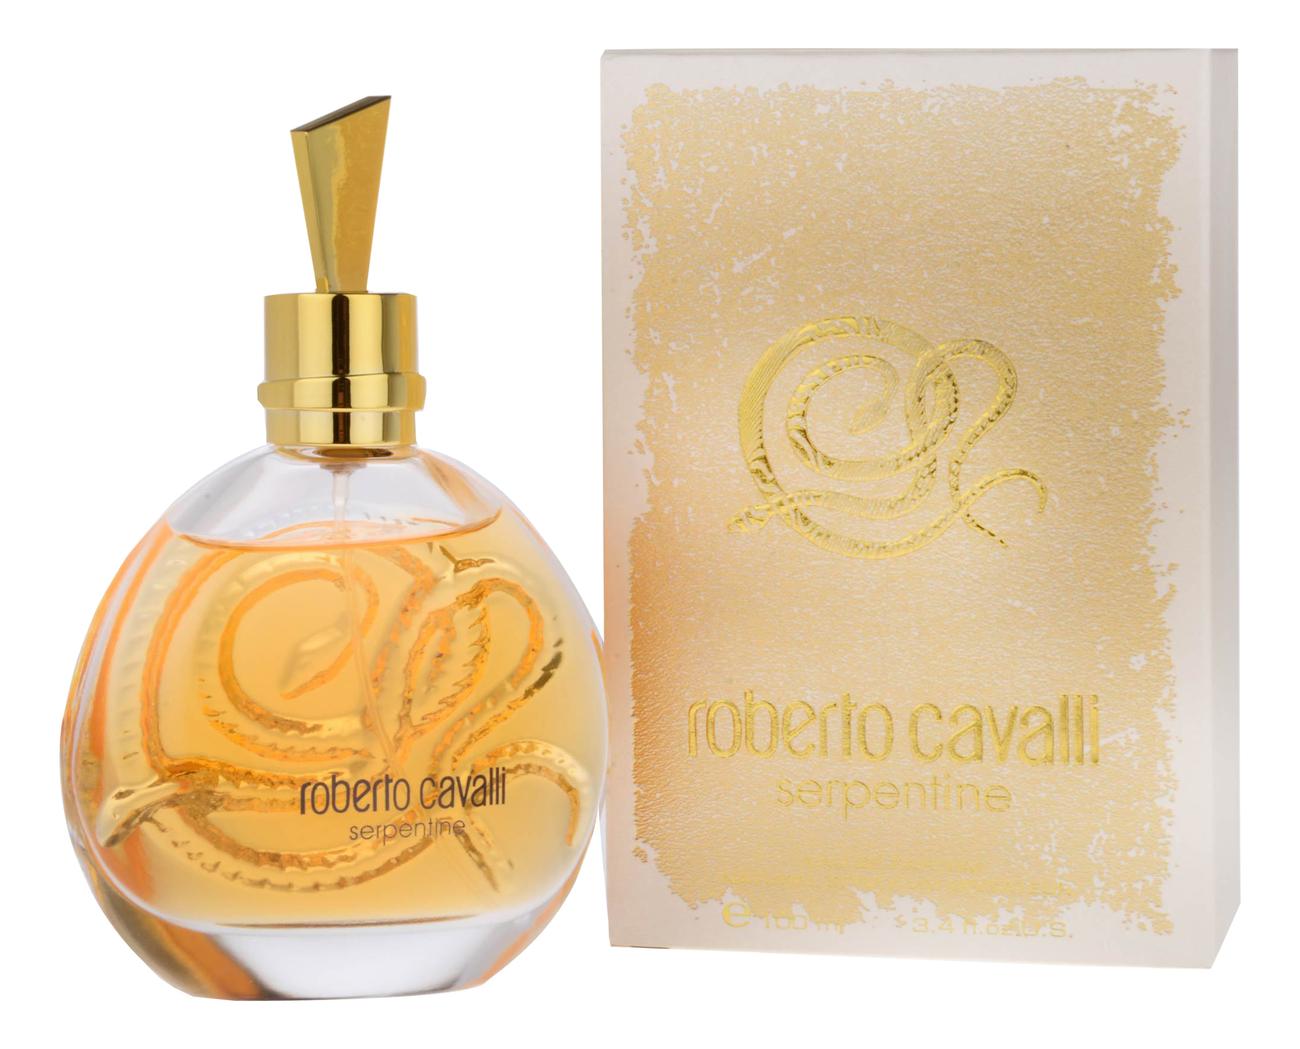 Roberto Cavalli Serpentine: парфюмерная вода 100мл